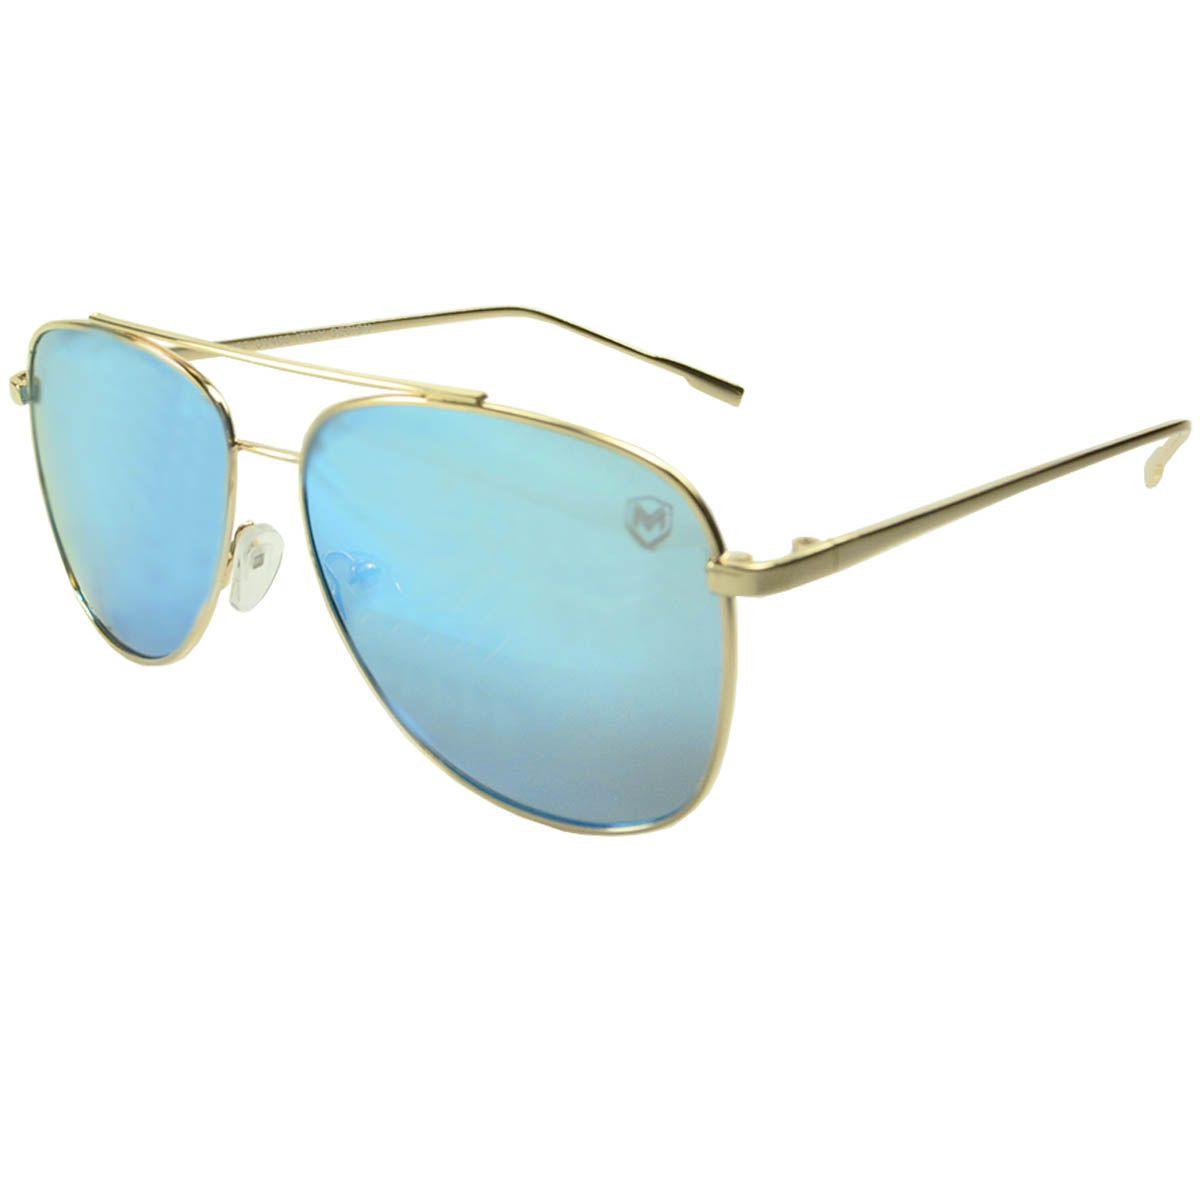 c64e2c78c4530 Óculos de Sol Unissex Mackage MK01652A